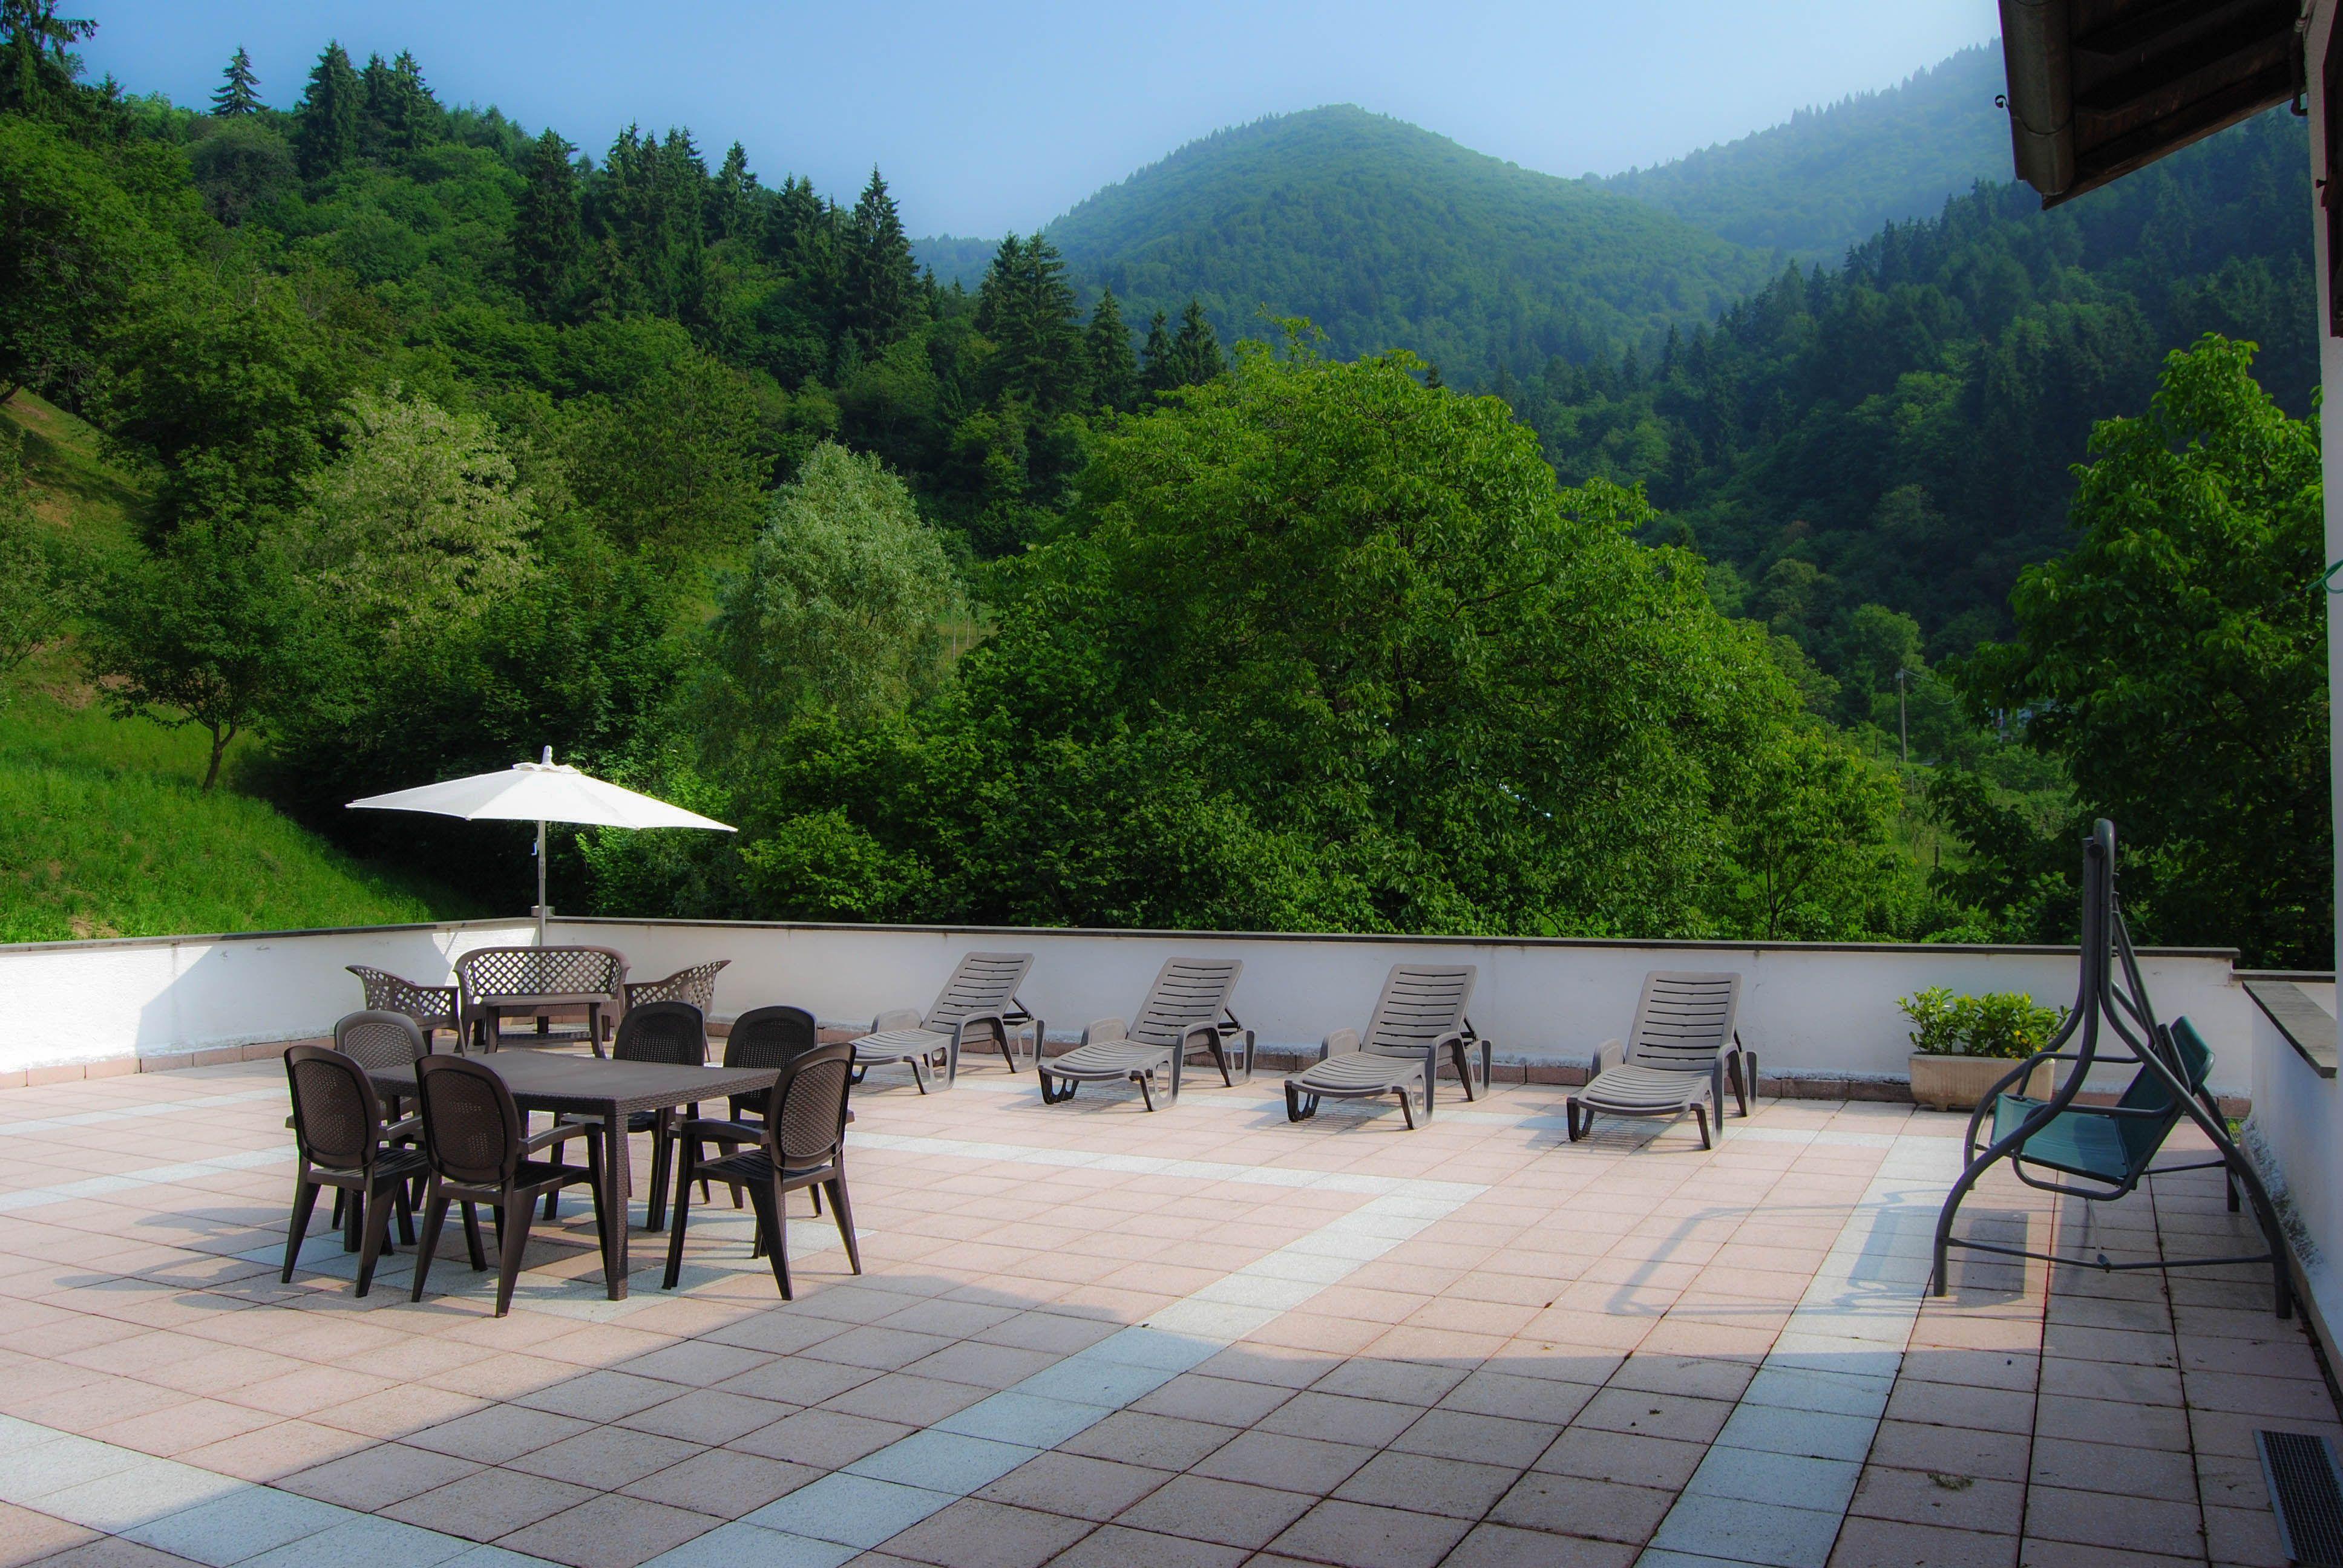 Panoramica Terrazza - Hotel Conca Verde a Zone (BS) | Hotels, B&B ...